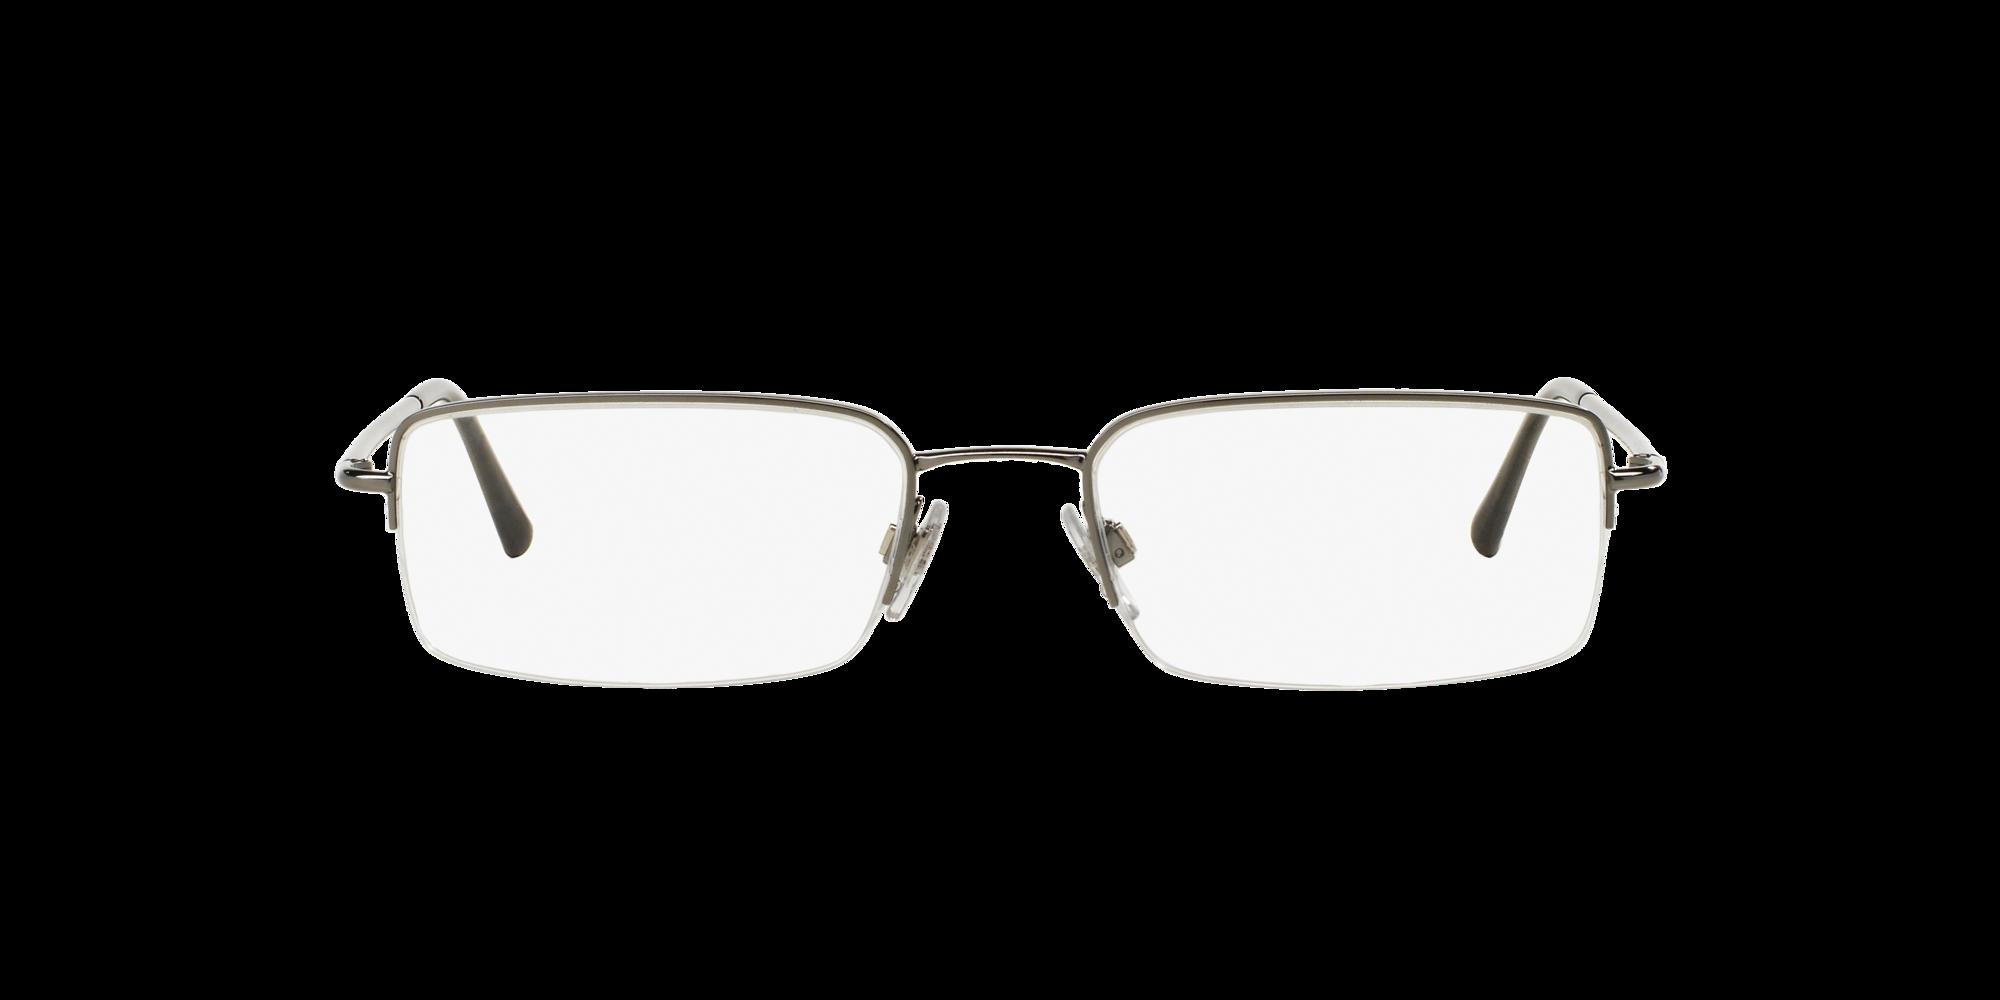 Imagen para BE1068 de LensCrafters |  Espejuelos, espejuelos graduados en línea, gafas